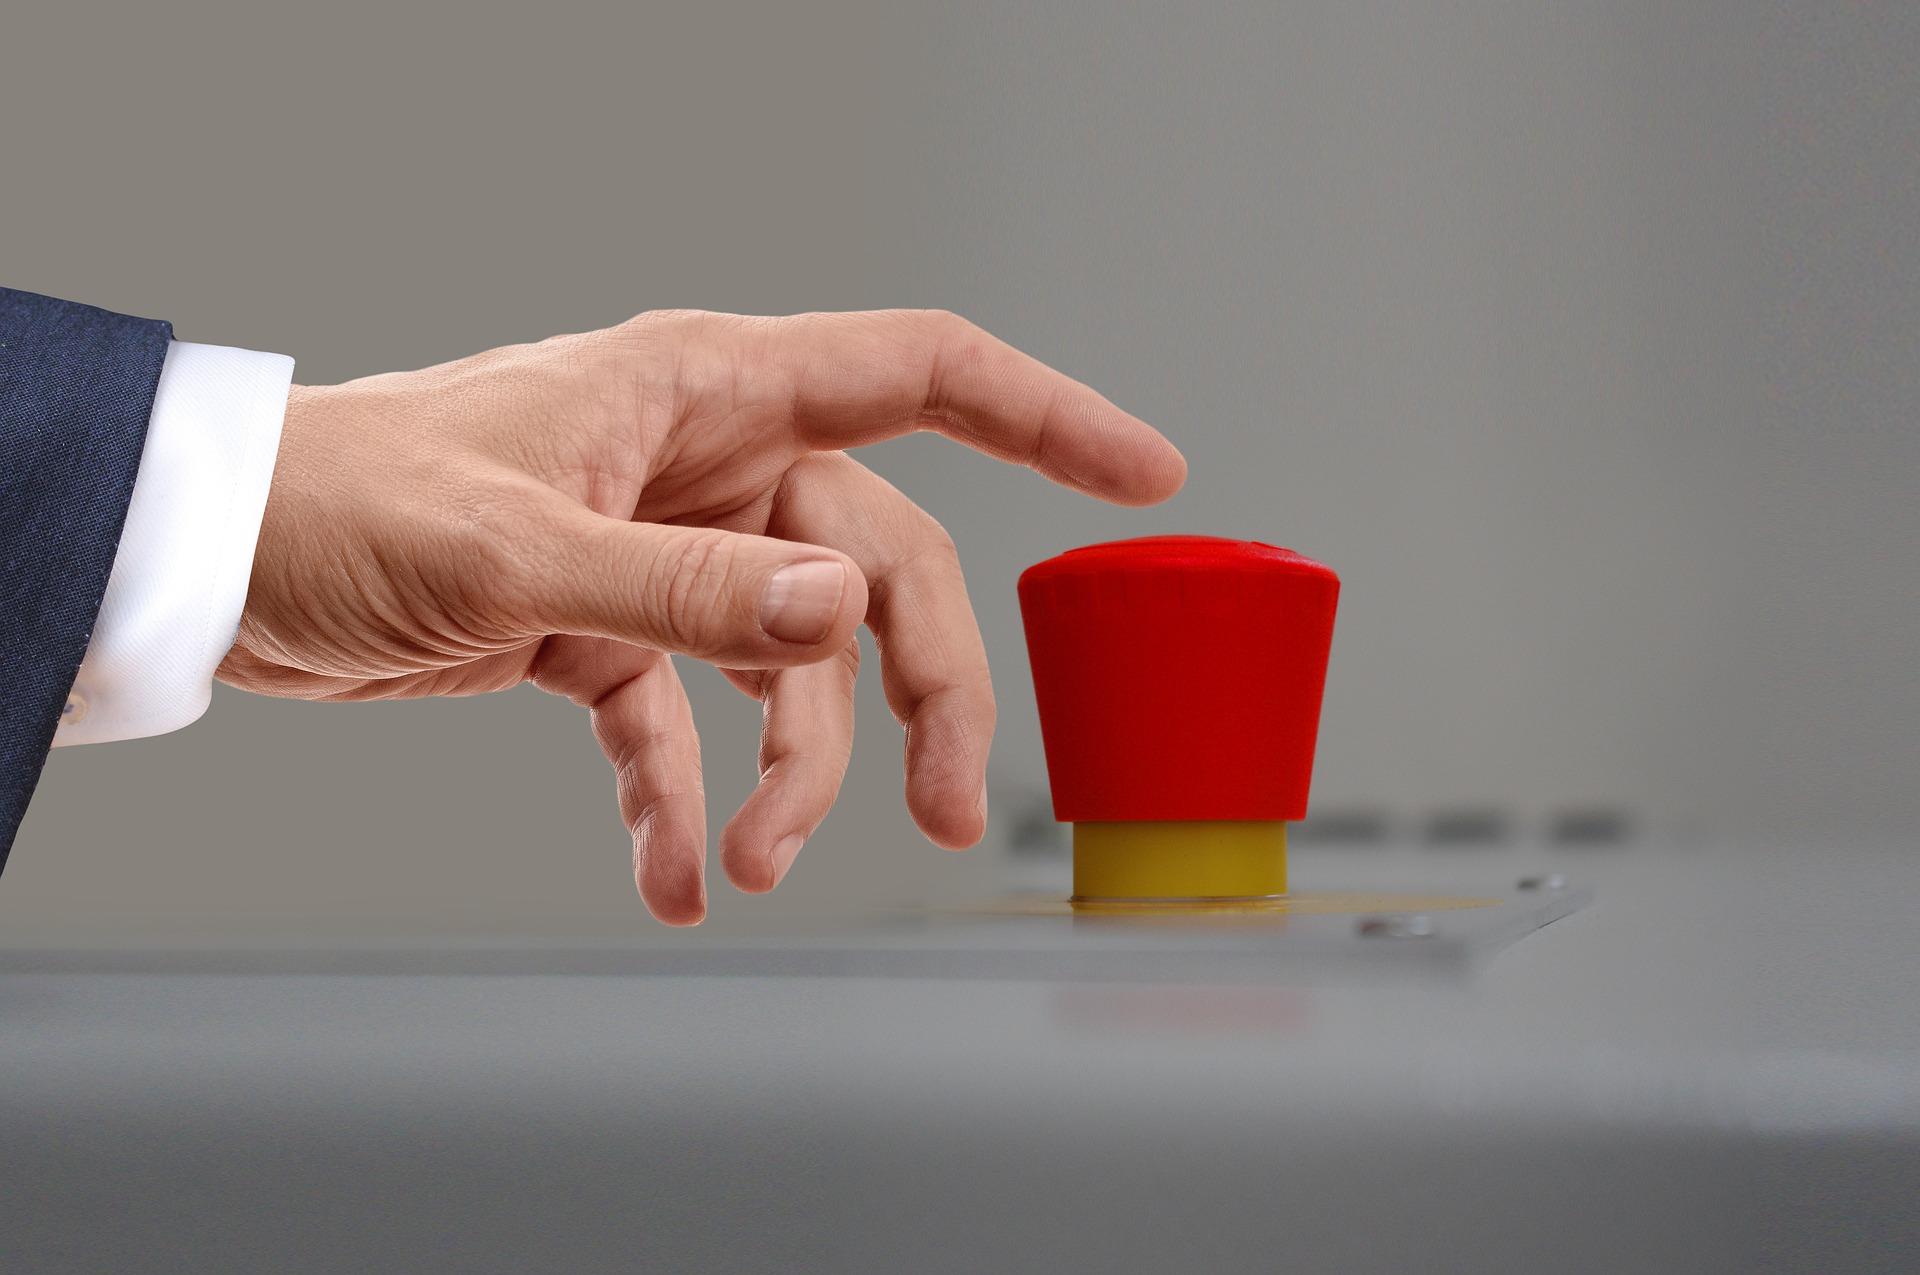 Abgebildet ist eine Hand eines Mannes, deren Zeigefinger über einem großen roten Knopf schwebt.